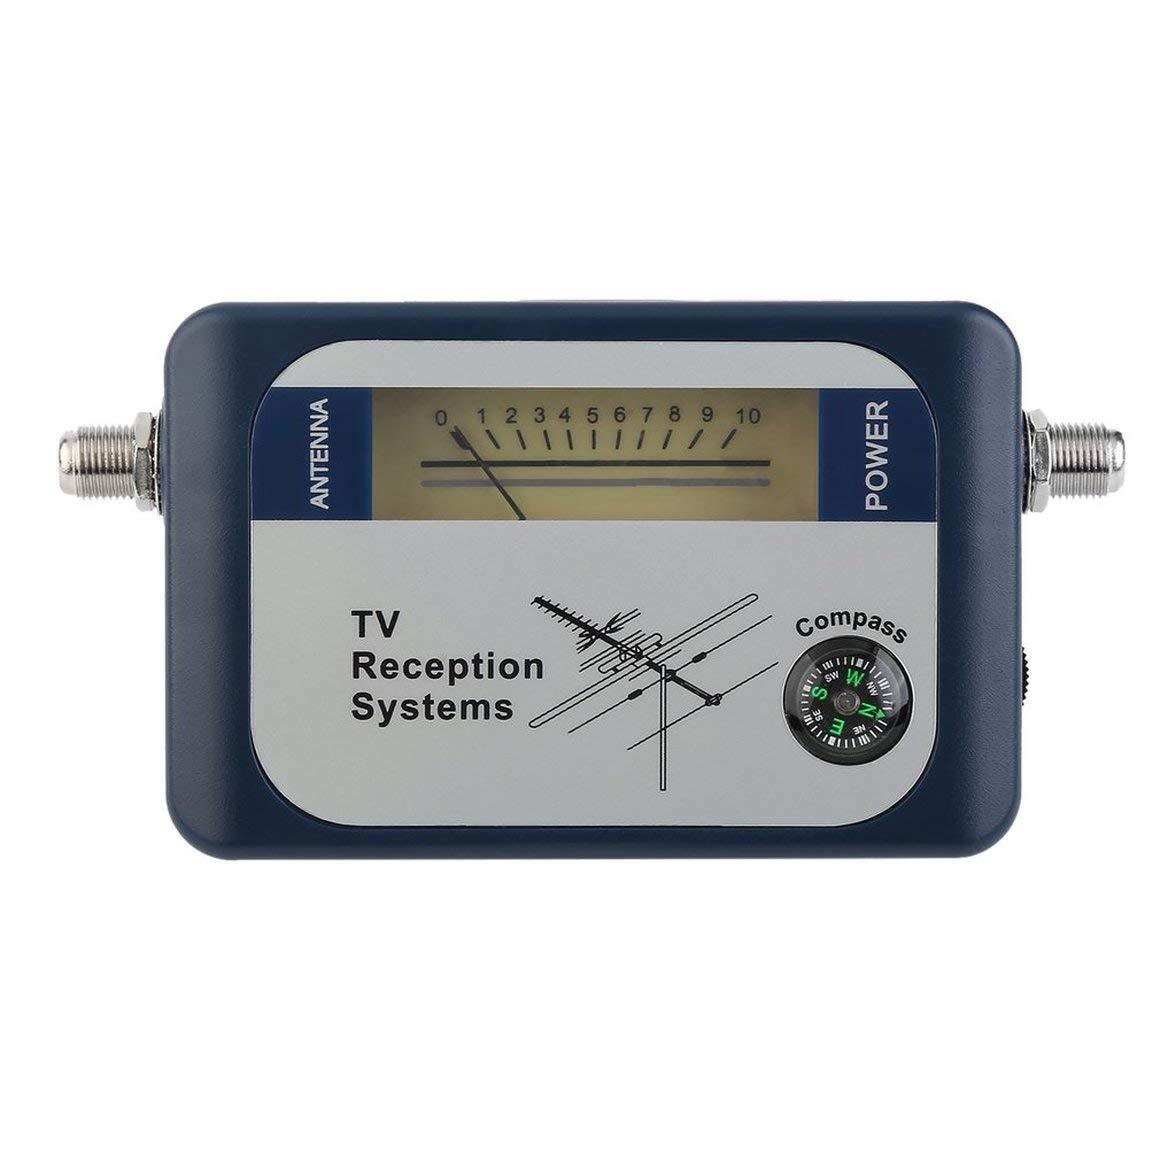 Couleur: Bleu Funnyrunstore DVB-T Finder Antenne Num/érique Terrestre TV Antenne Signal Puissance Force Compteur Pointeur TV Syst/èmes de R/éception avec Boussole